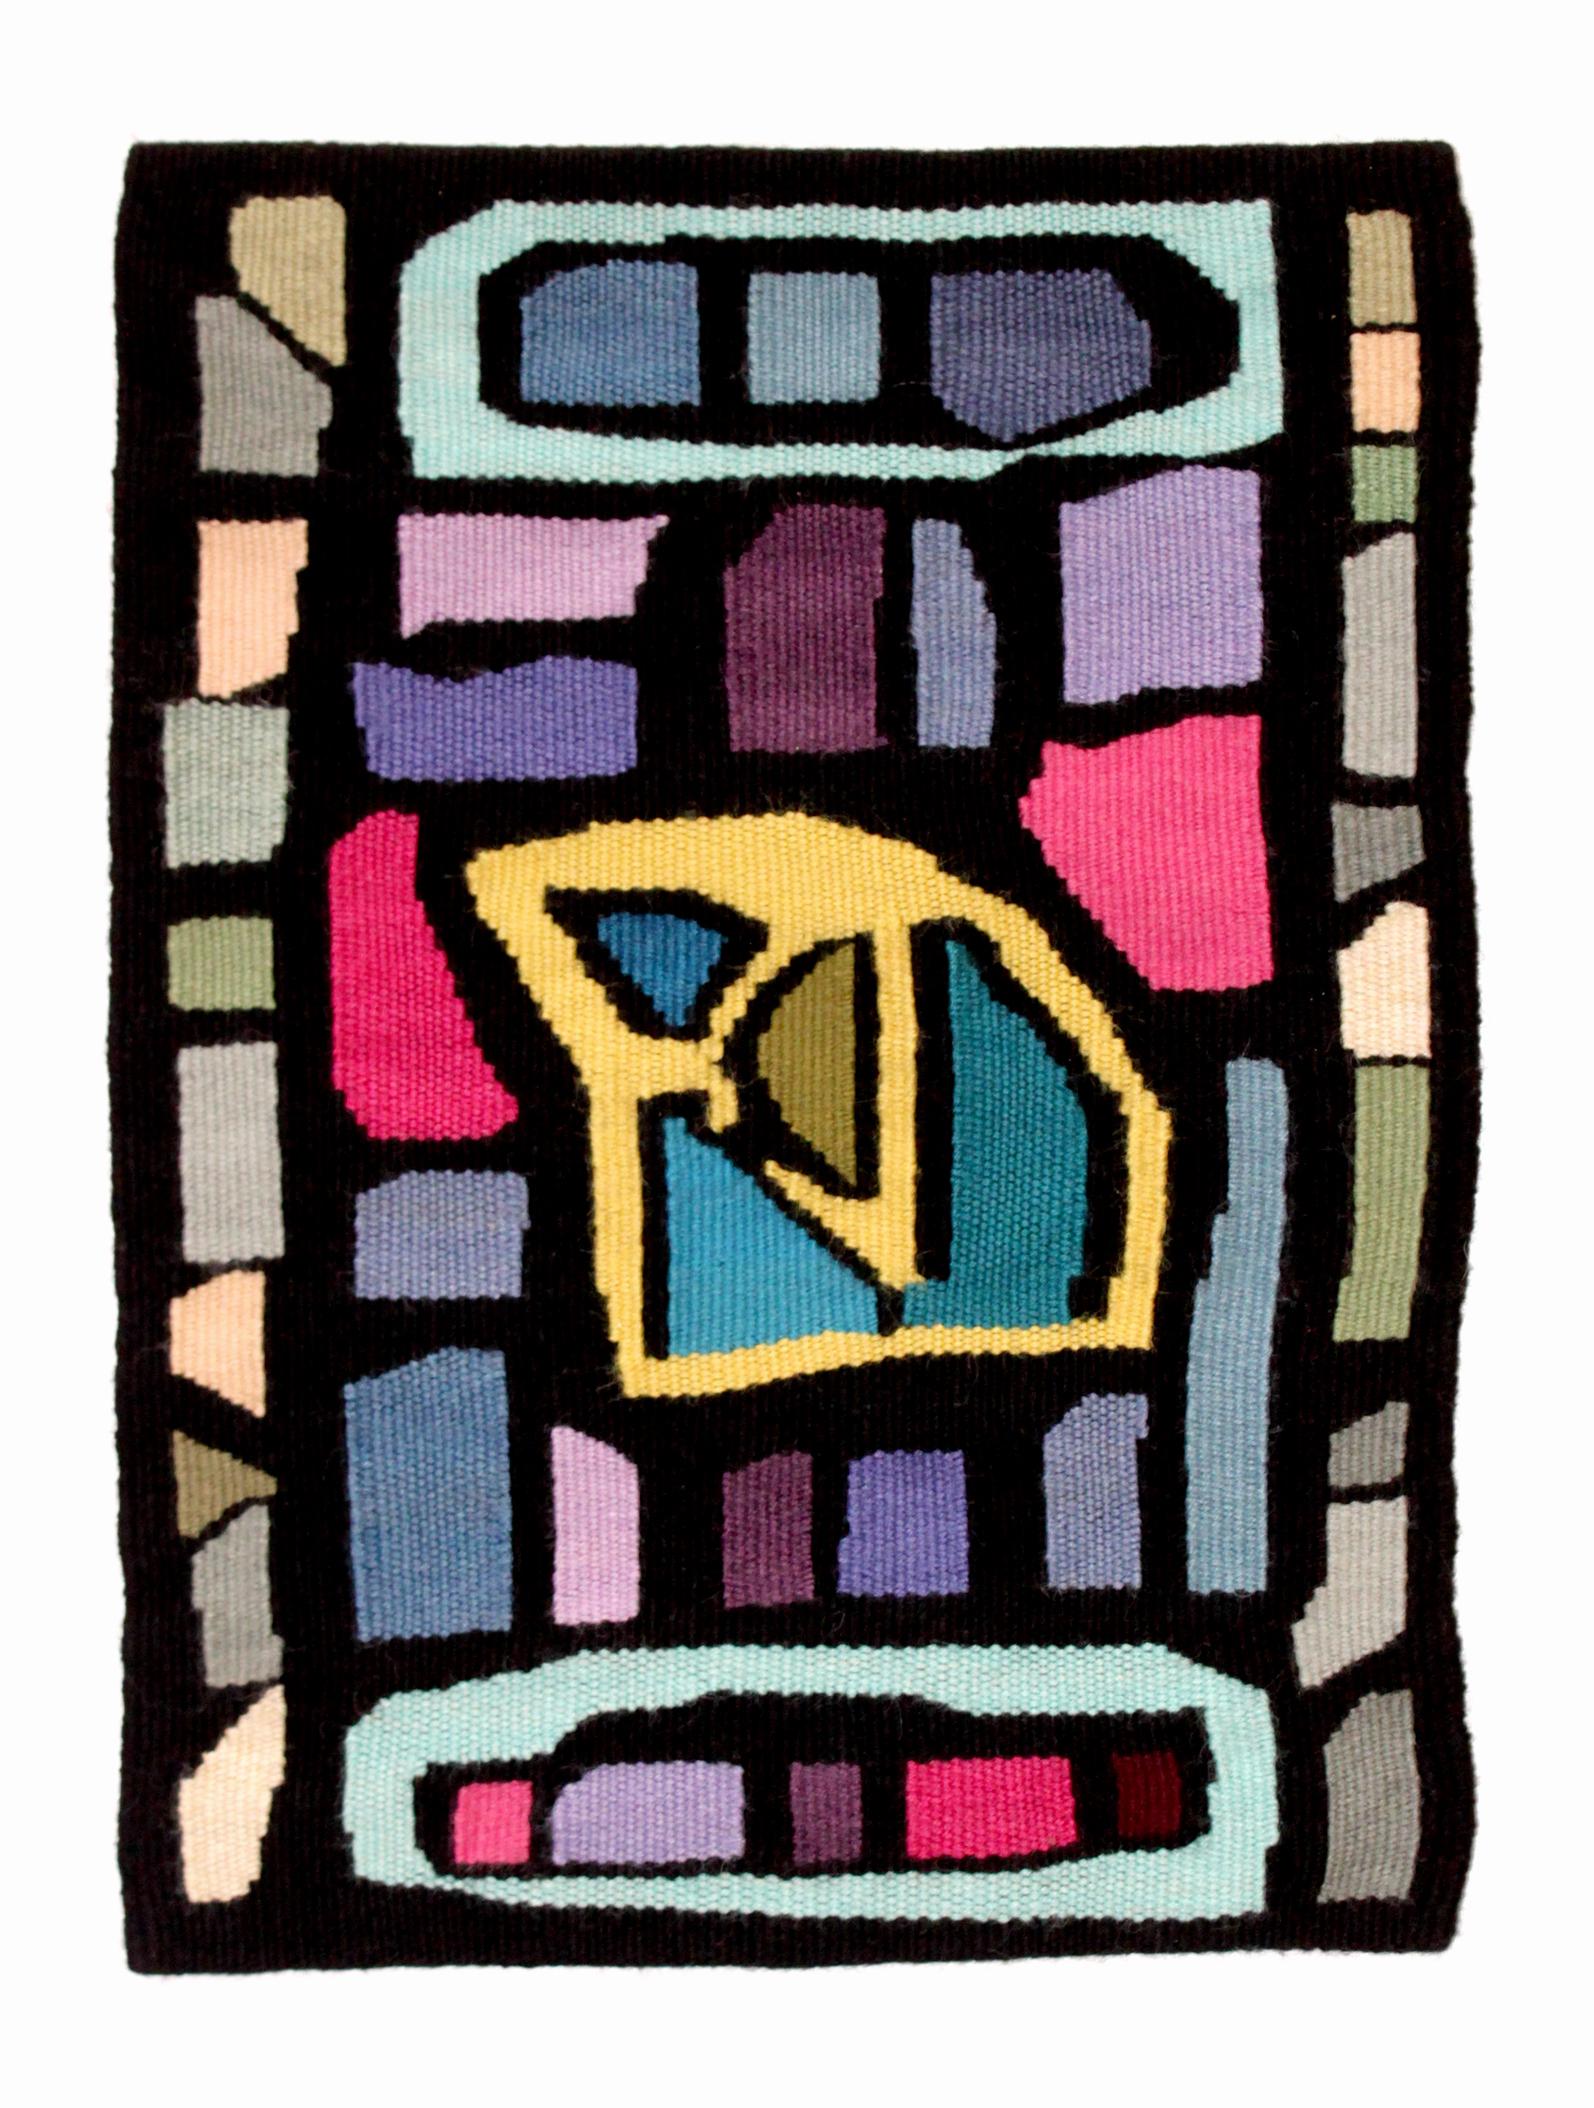 Plaque Polyester Brico Depot Beau Images Mosaique Brico Depot Frais Bricodepot Wc Best Vidage Et Siphon